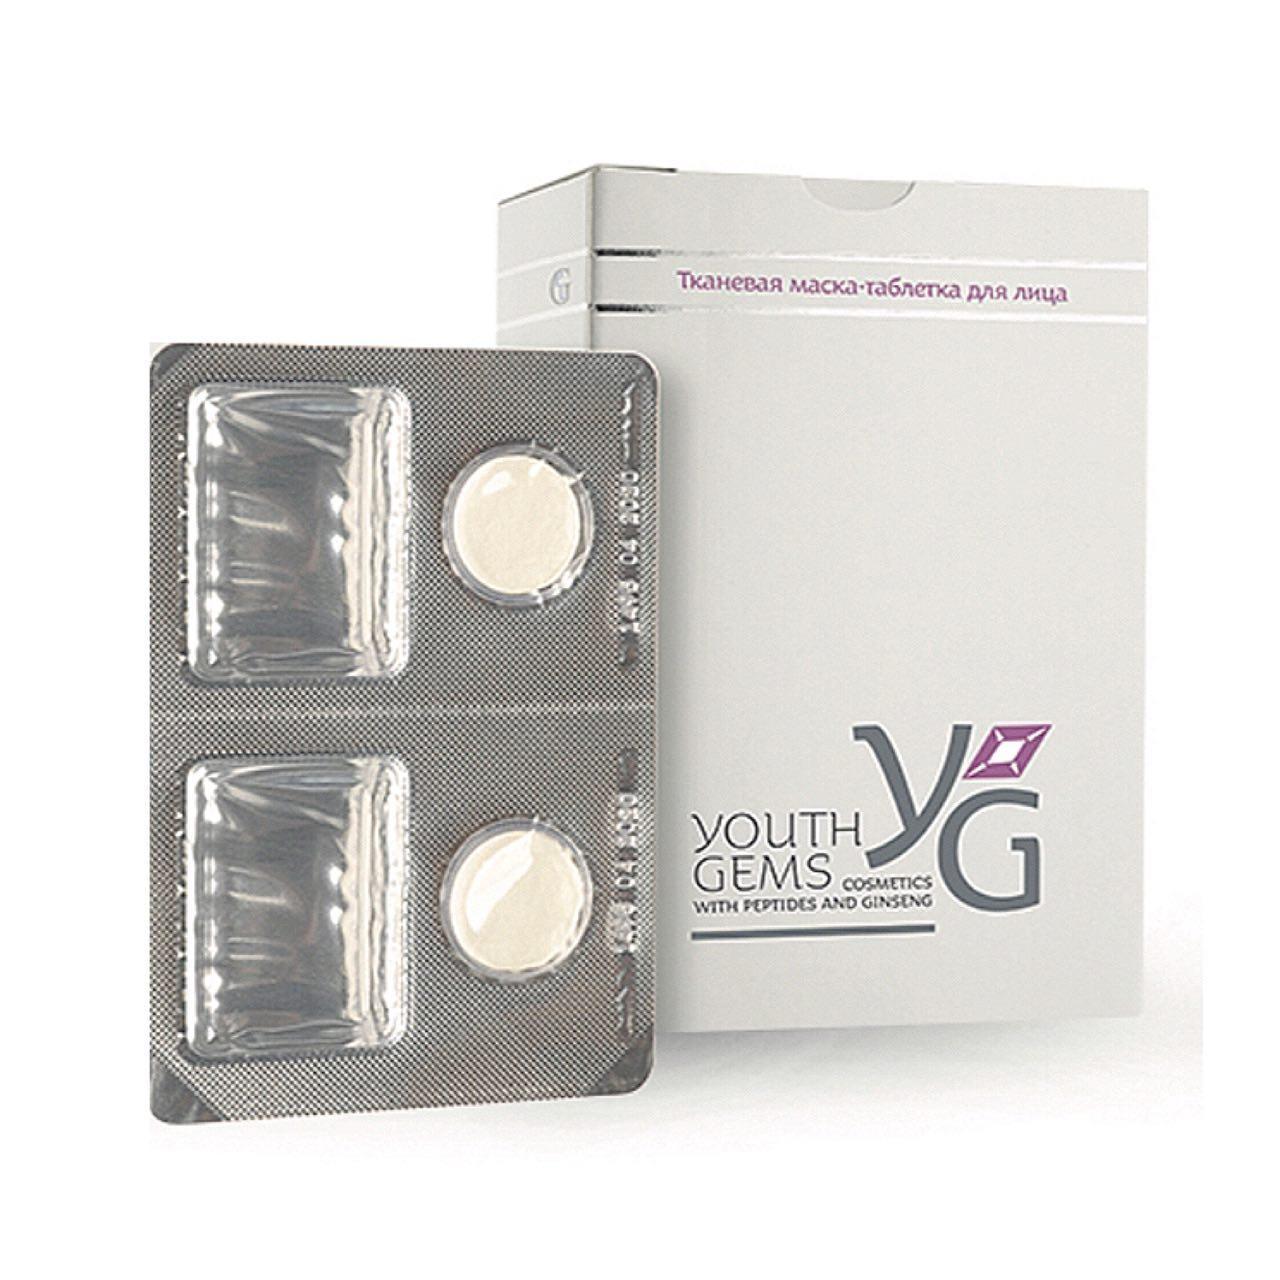 Тканевая Маска-таблетка для лица Youth Gems с пептидами Хавинсона и экстрактом женьшеня 2 шт